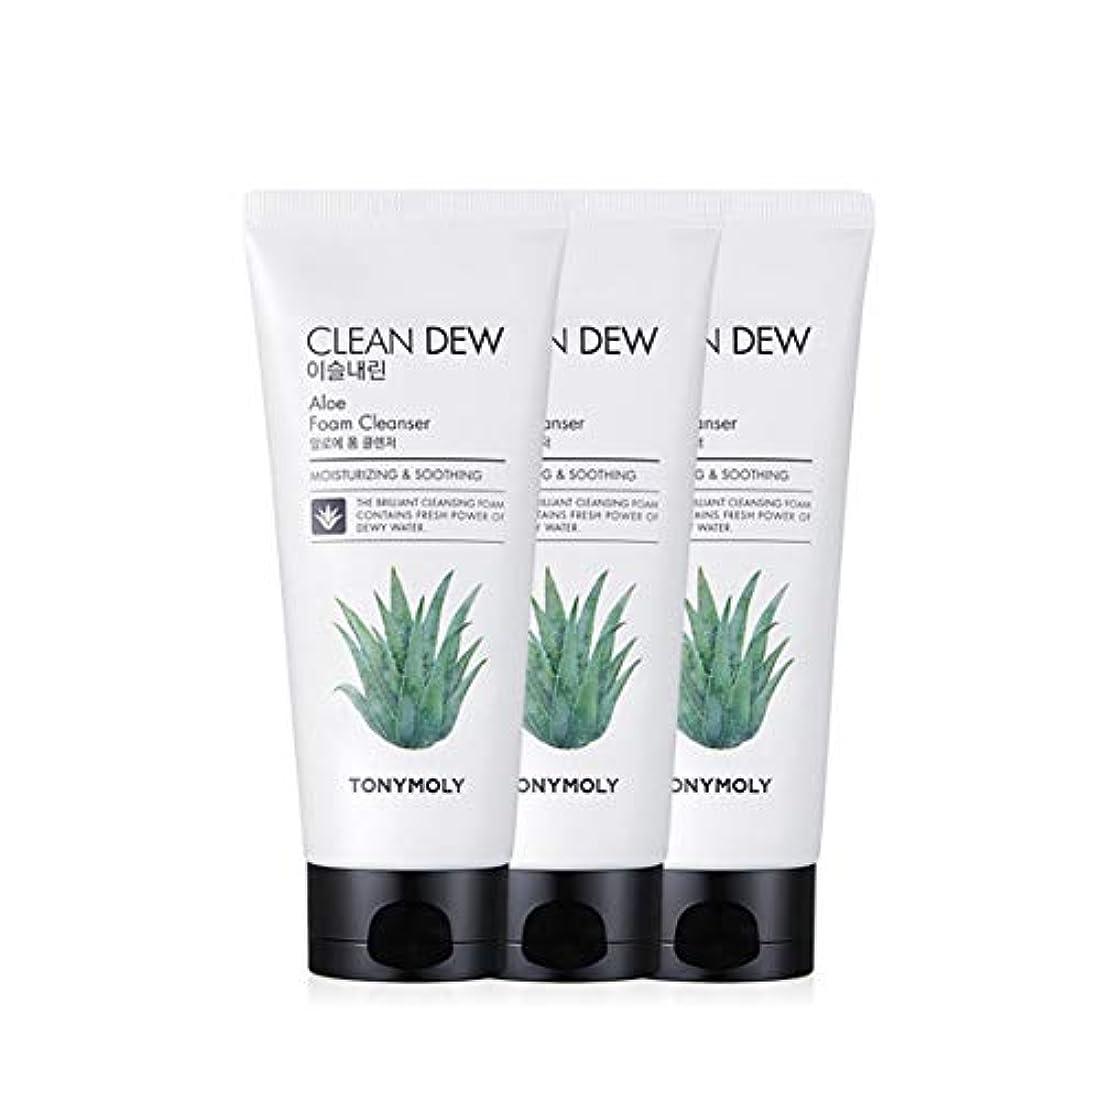 間接的シエスタ各トニーモリークリーンデューアロエフォームクレンザー180mlx3本セット韓国コスメ、Tonymoly Clean Dew Aloe Foam Cleanser 180ml x 3ea Set Korean Cosmetics...